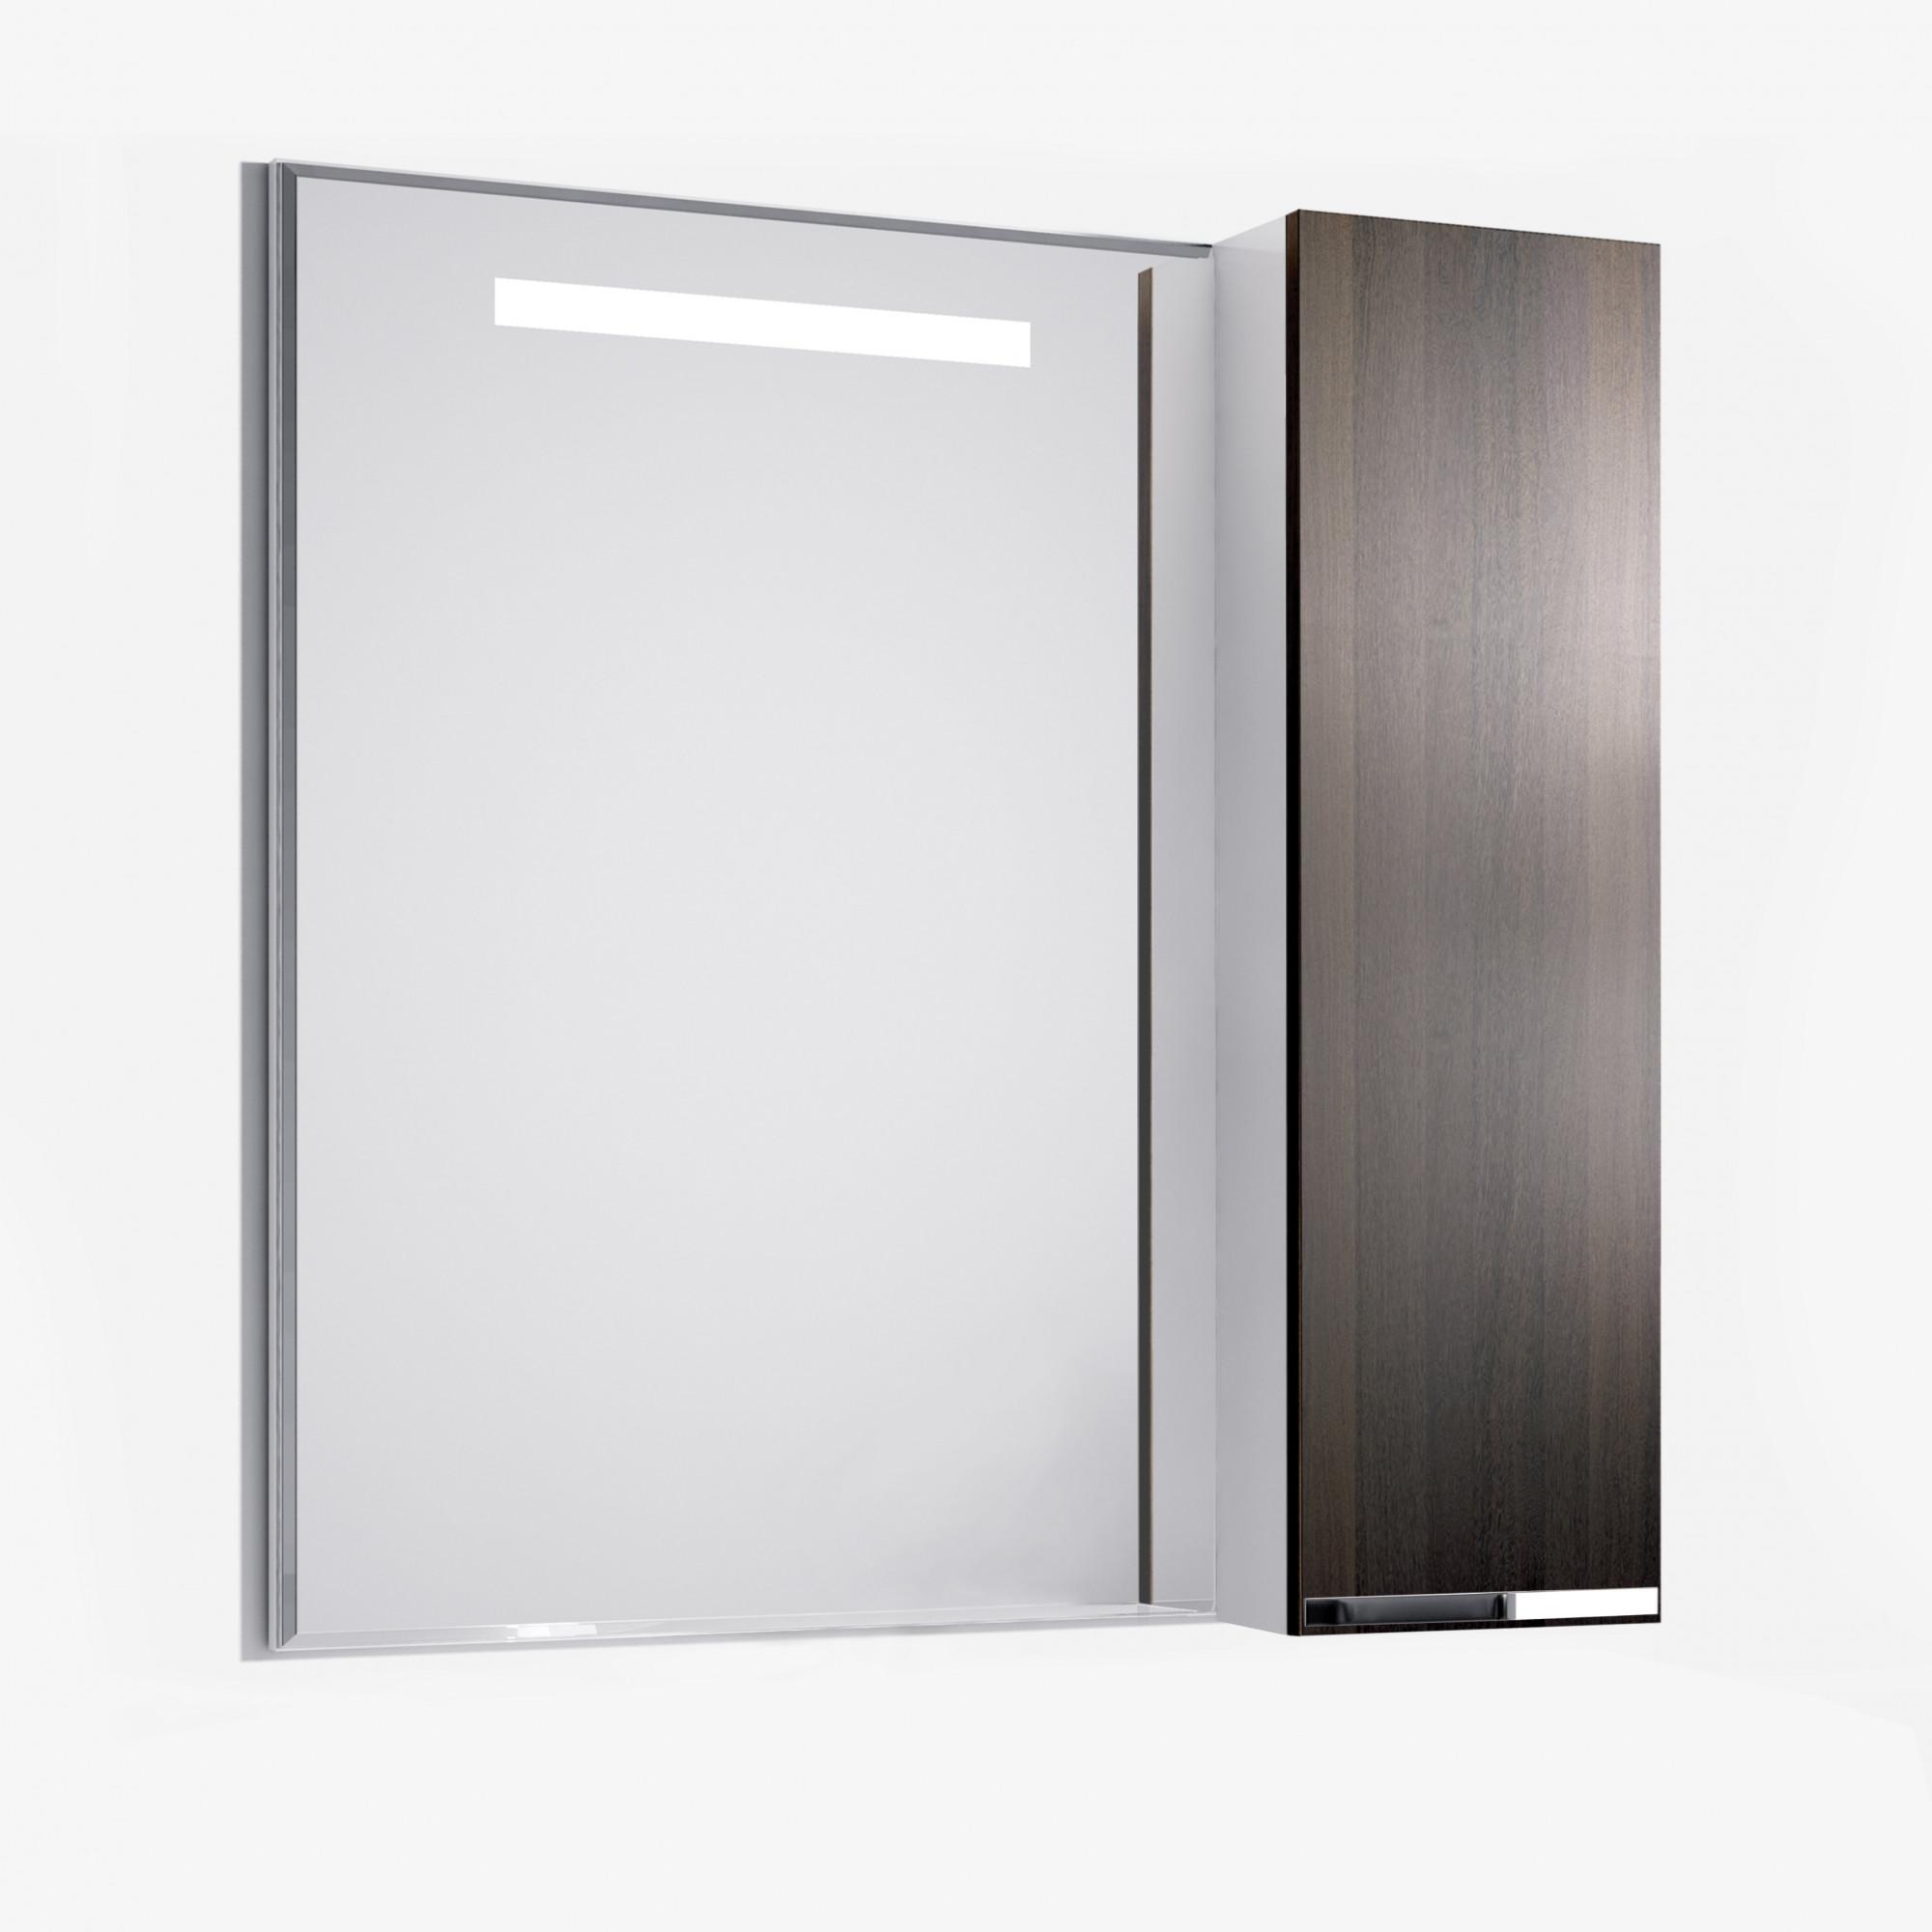 Зеркало-шкаф Latte 90 венге +7 600 руб.